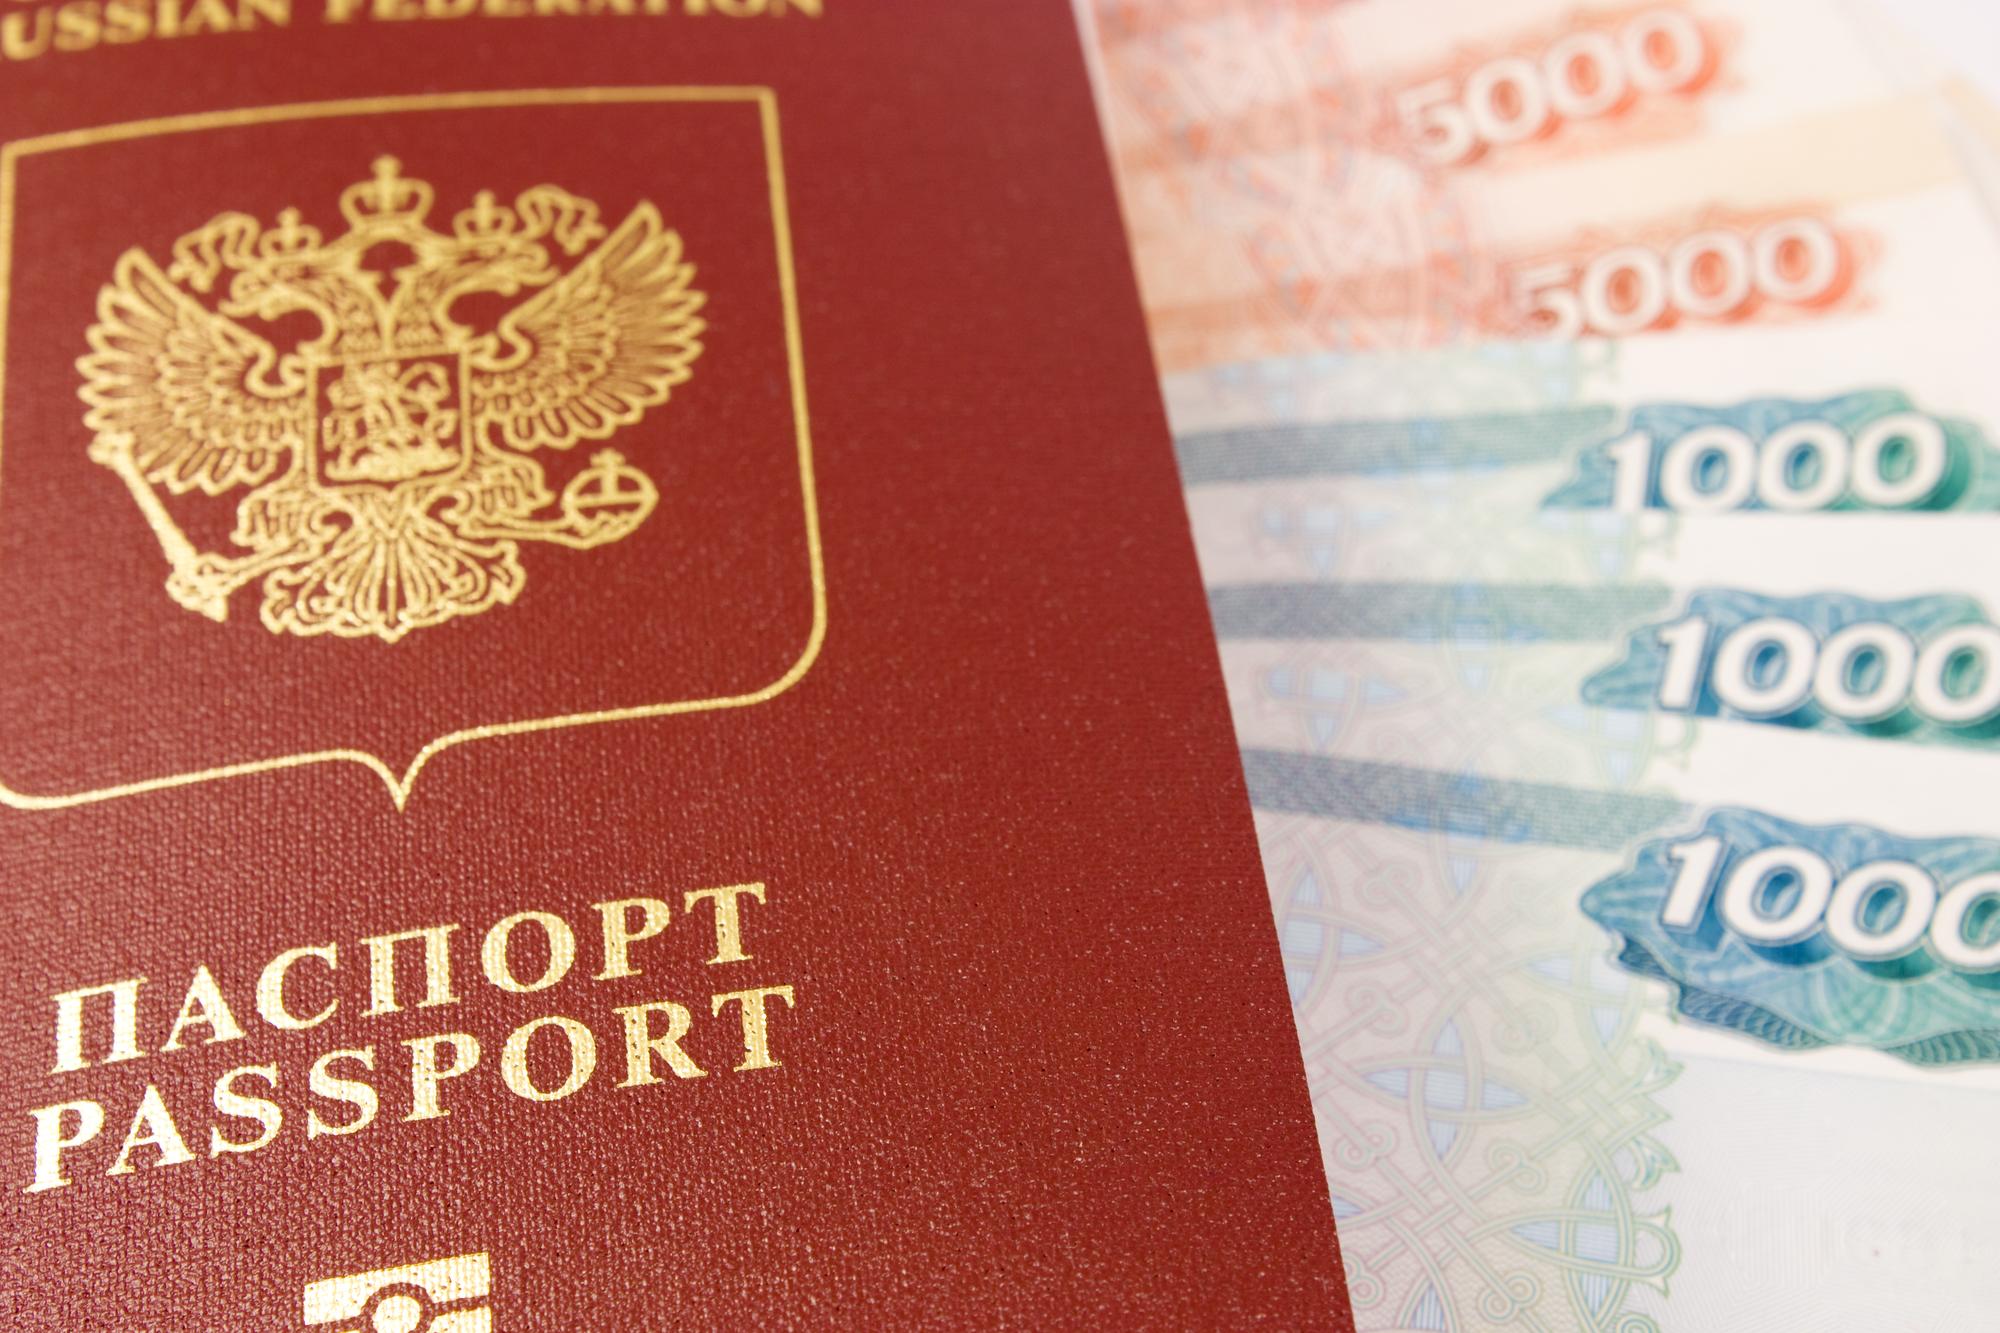 кредит европа банк казань официальный сайтакт сверки по займам в 1с 8.3